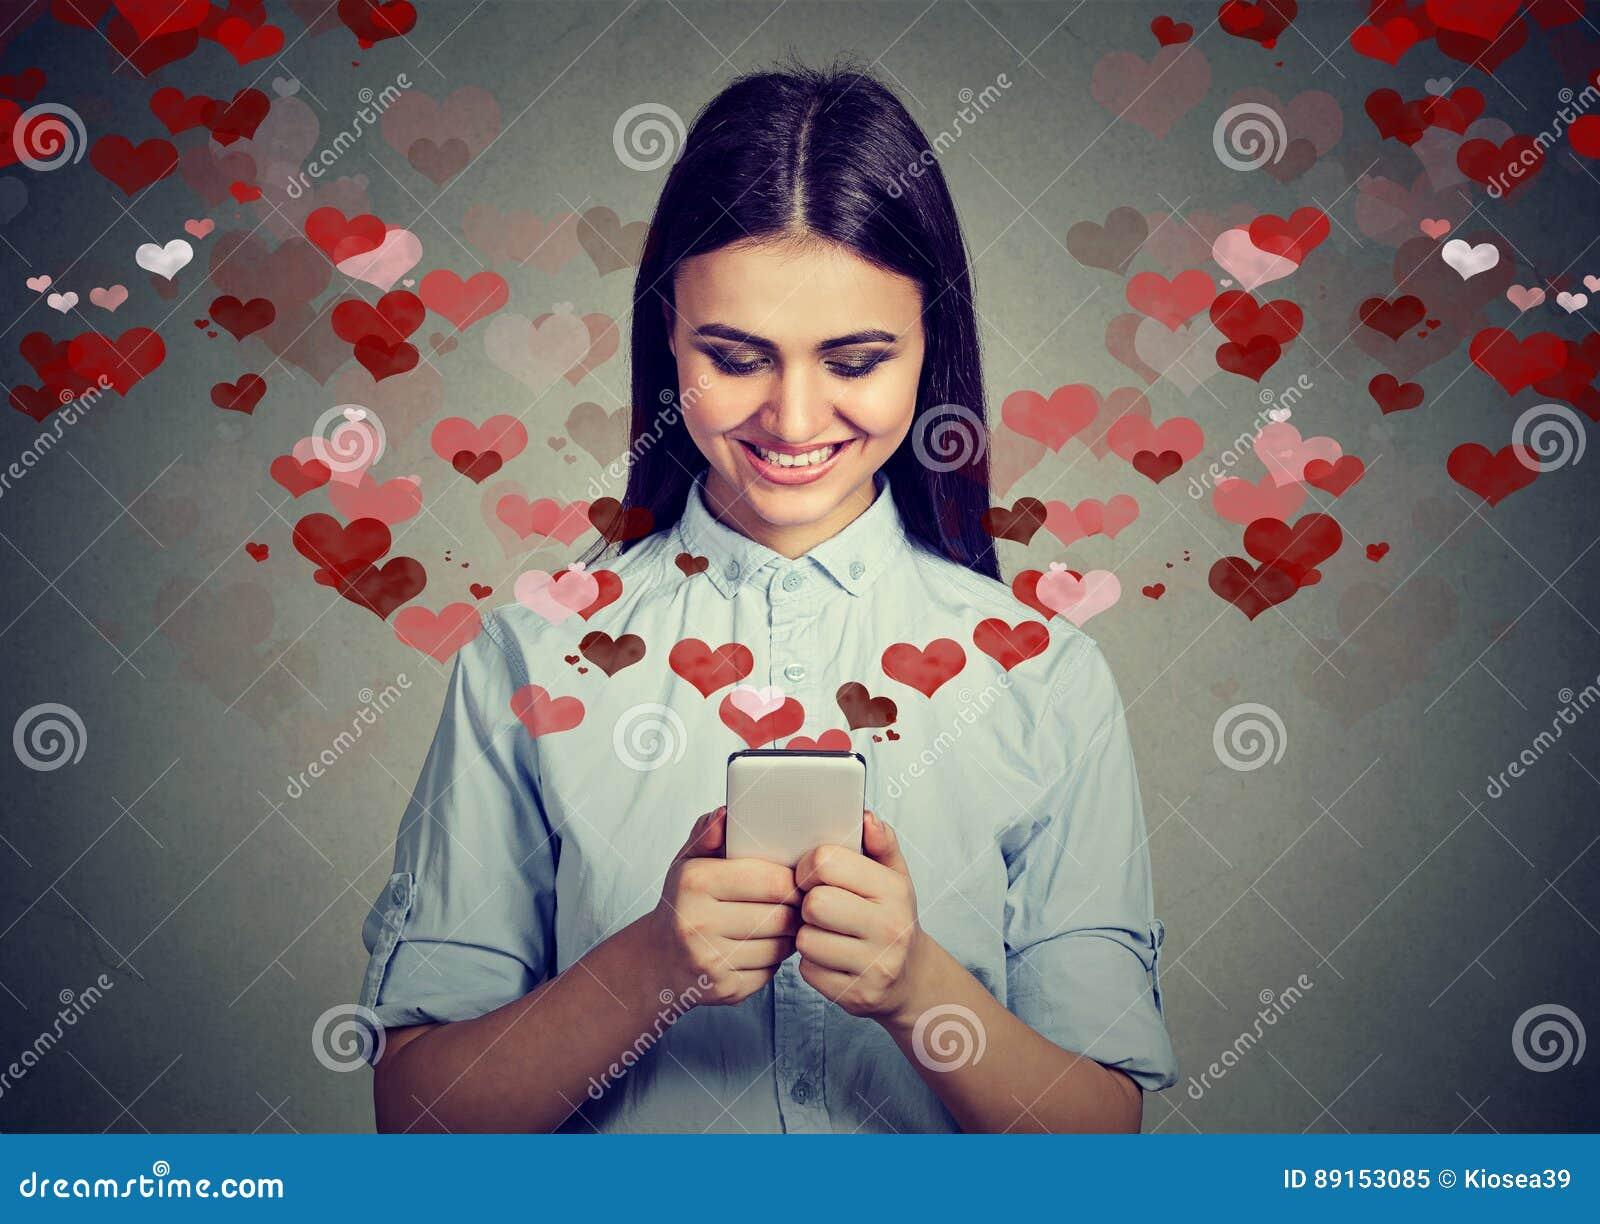 Online-Datierung Ihres Weges sind wir offiziell von novamov